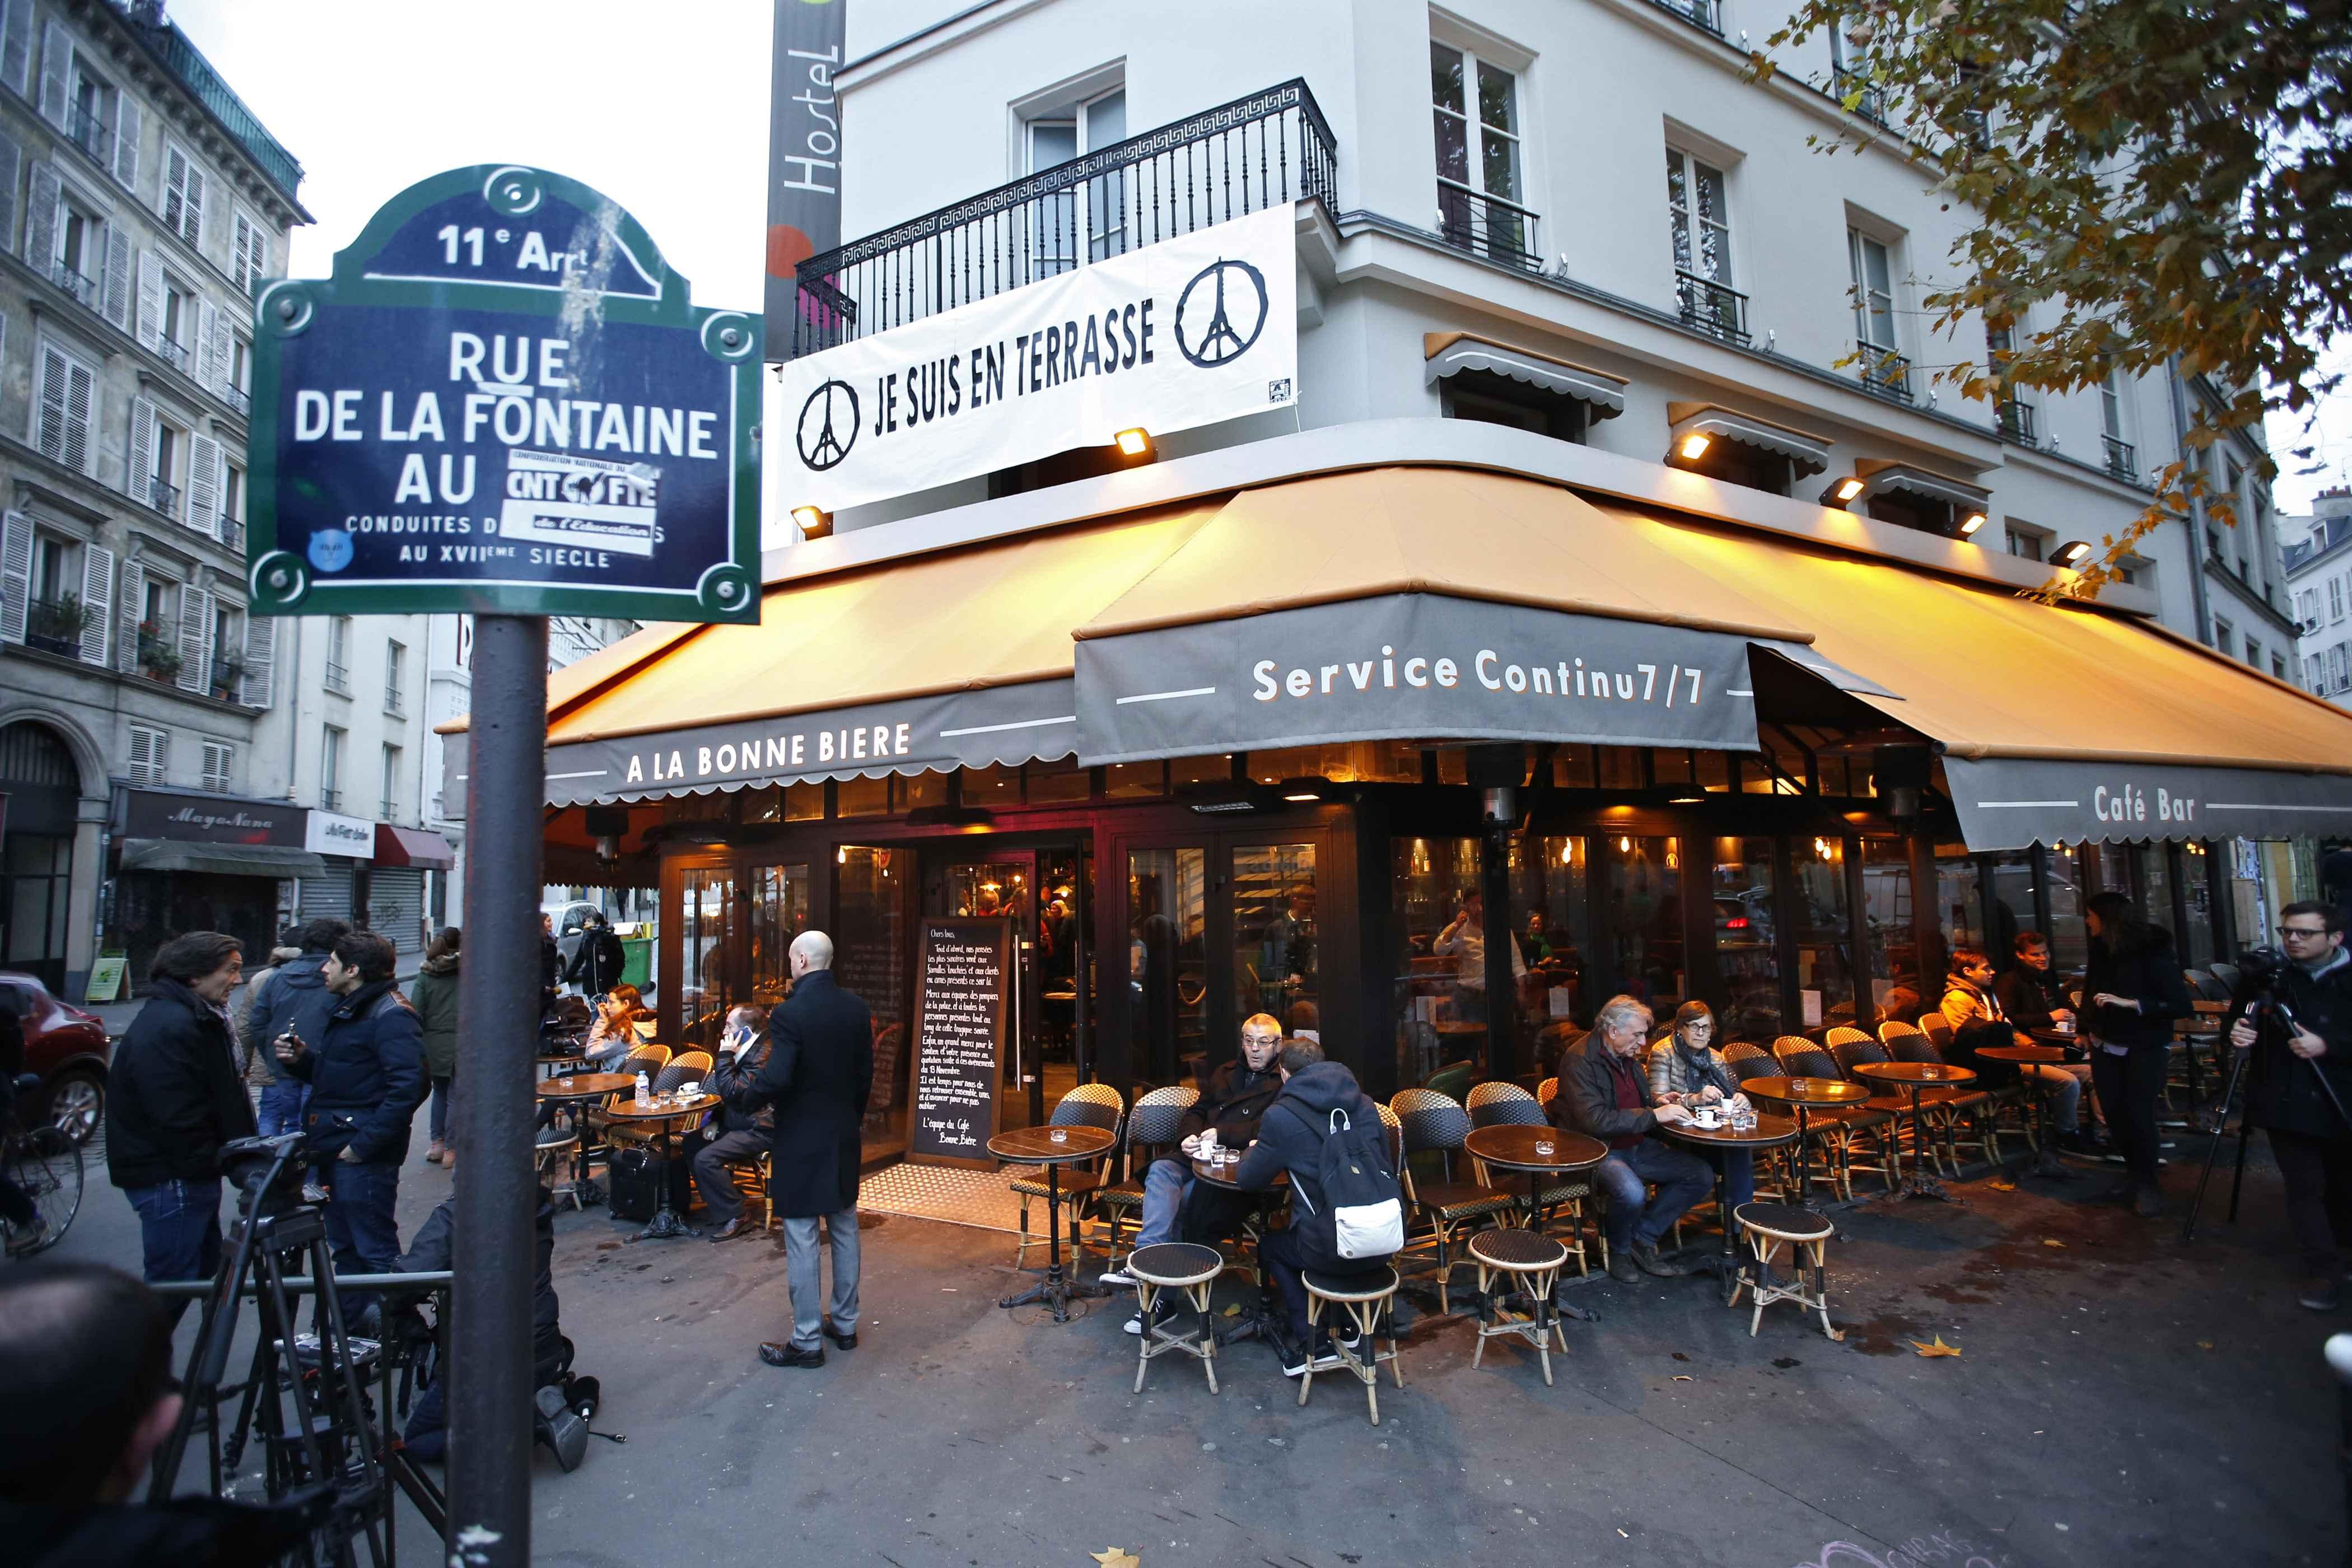 巴黎遭袭咖啡馆重新开业